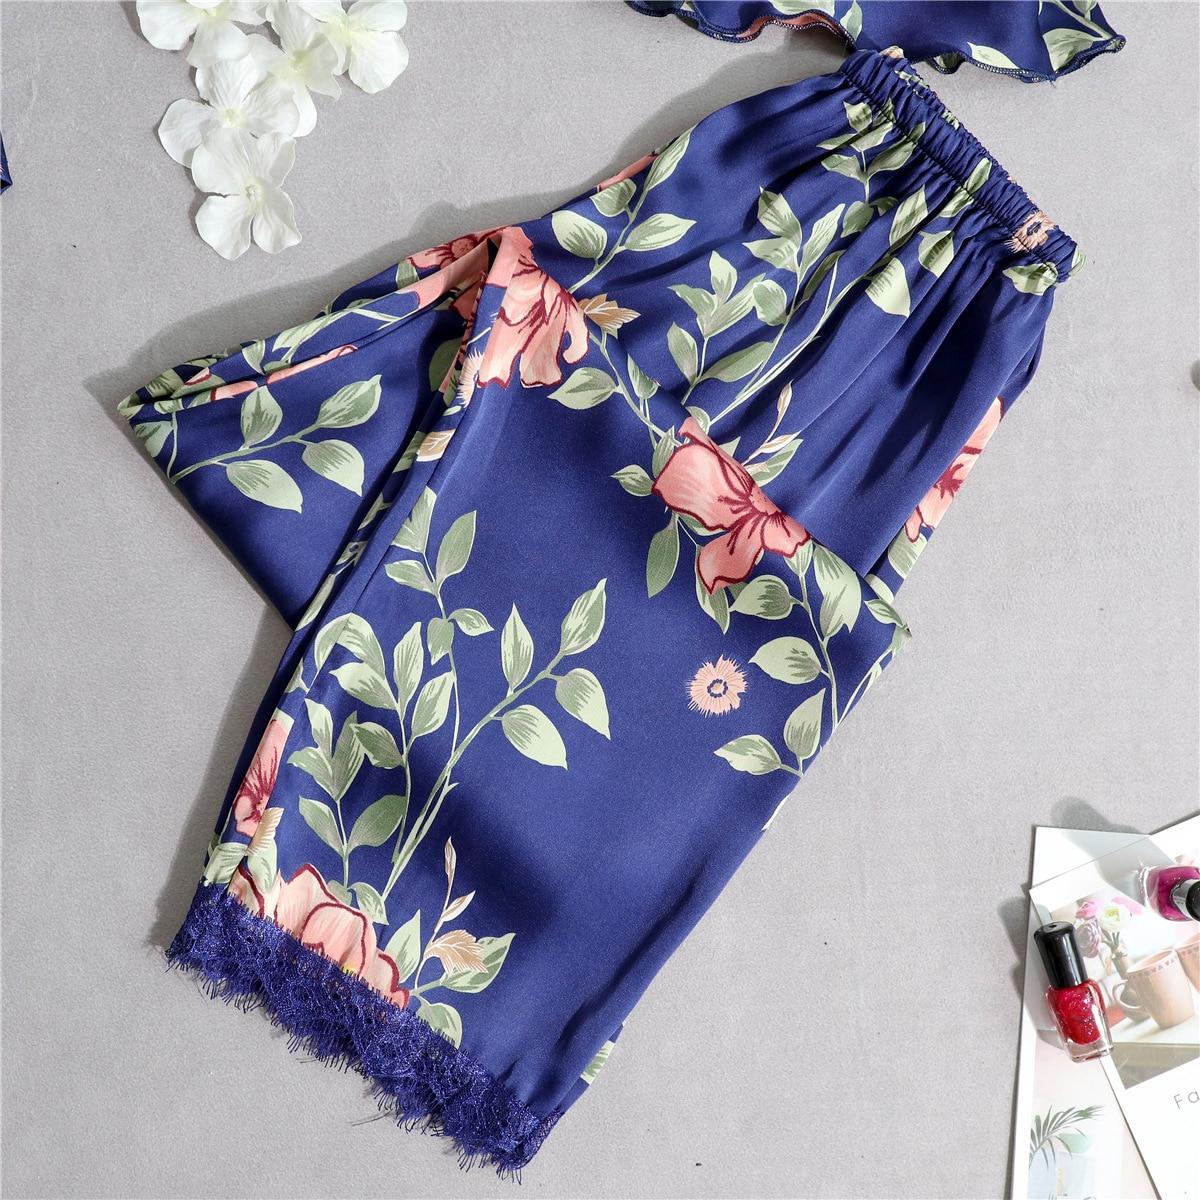 Женские штаны для сна, летние тонкие кружевные домашние штаны с девятью точками, повседневные штаны, шелковые домашние штаны для родителей